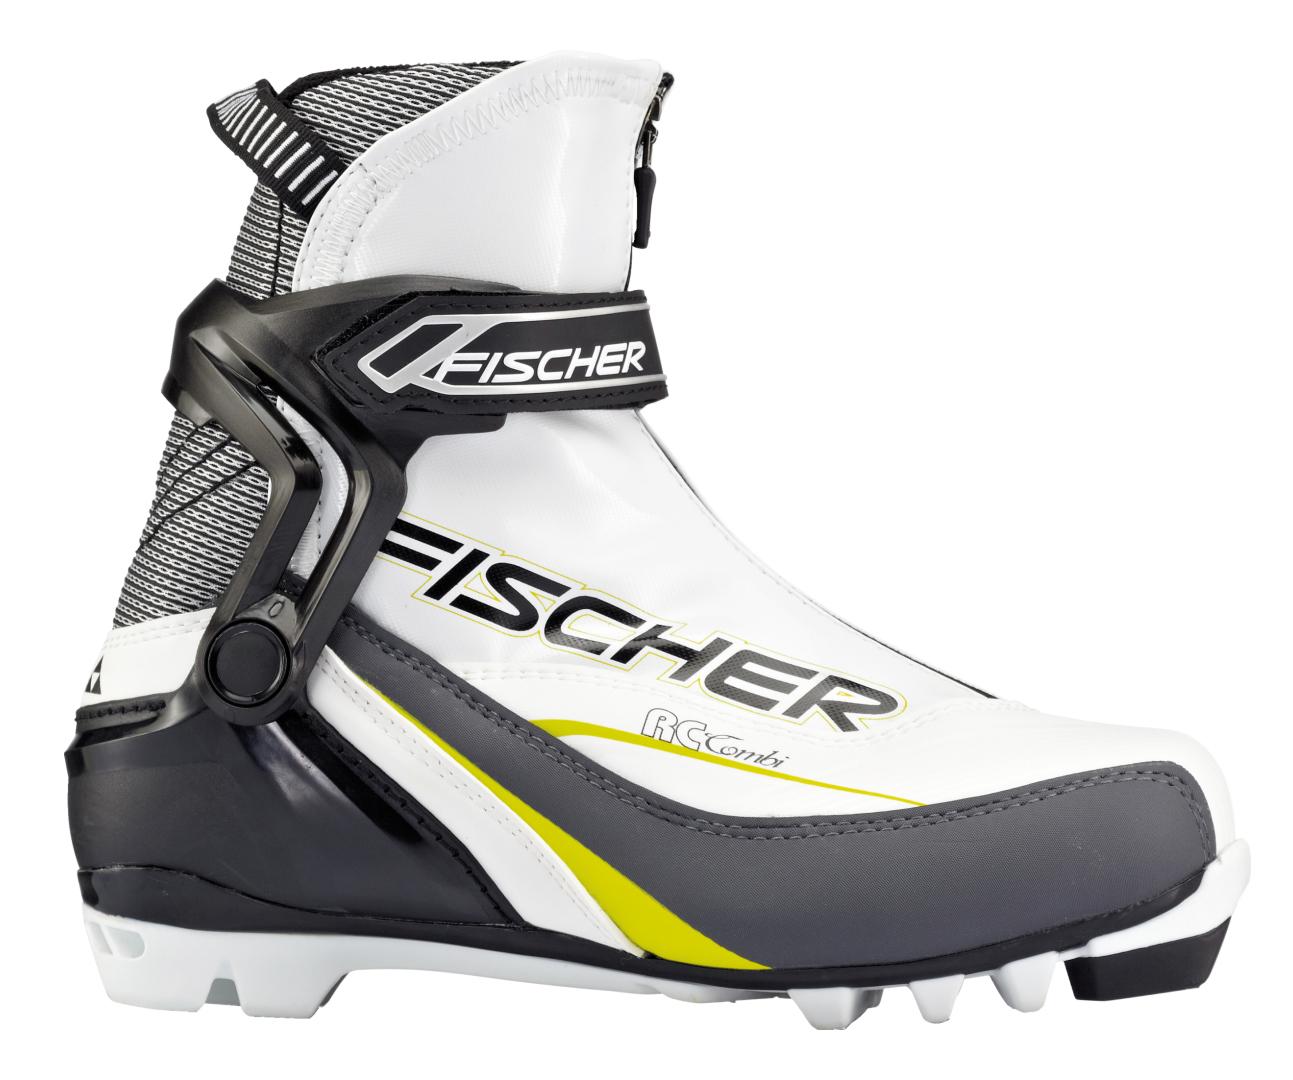 Купить Лыжные ботинки FISCHER 2014-15 RC COMBI MY STYLE, ботинки, 1138604